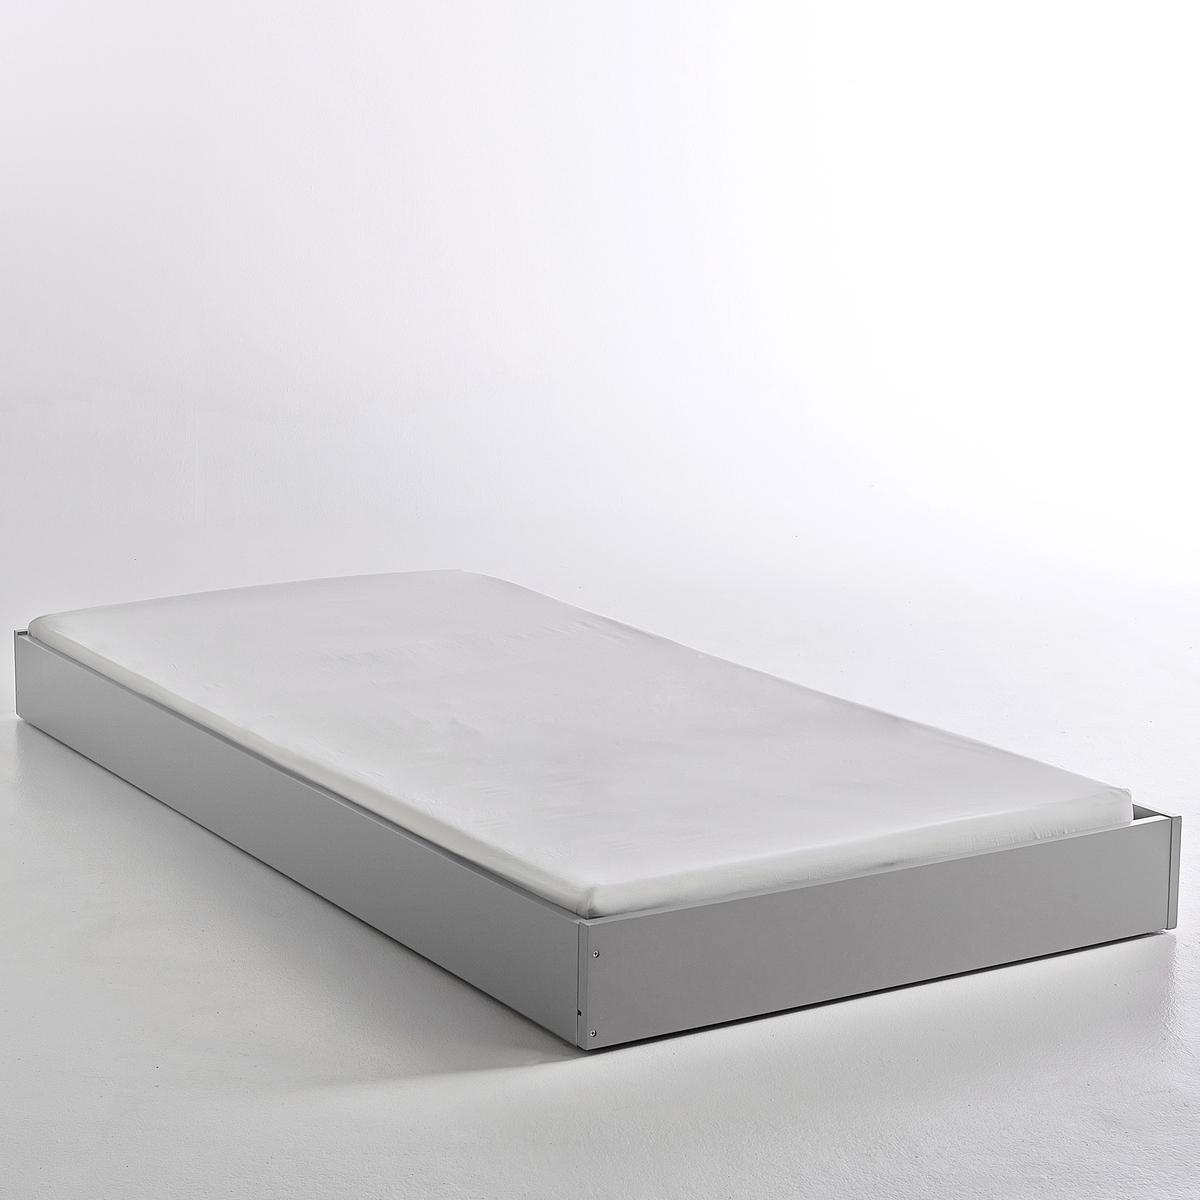 Ящик-кровать 1-спальный винтажный в стиле ретро Adil деревянный ящик ящик покрытия держатель ткани ретро ткань дело для салфеток